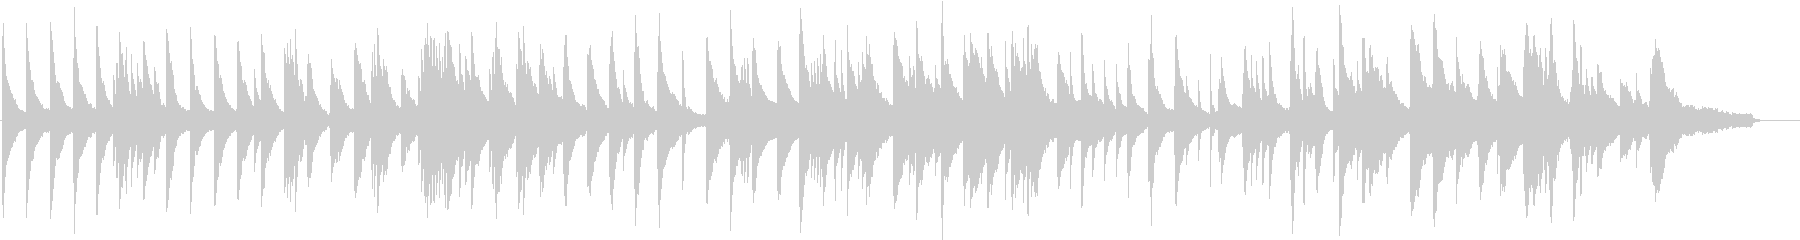 抑揚の少ない静かなピアノ曲の未再生の波形